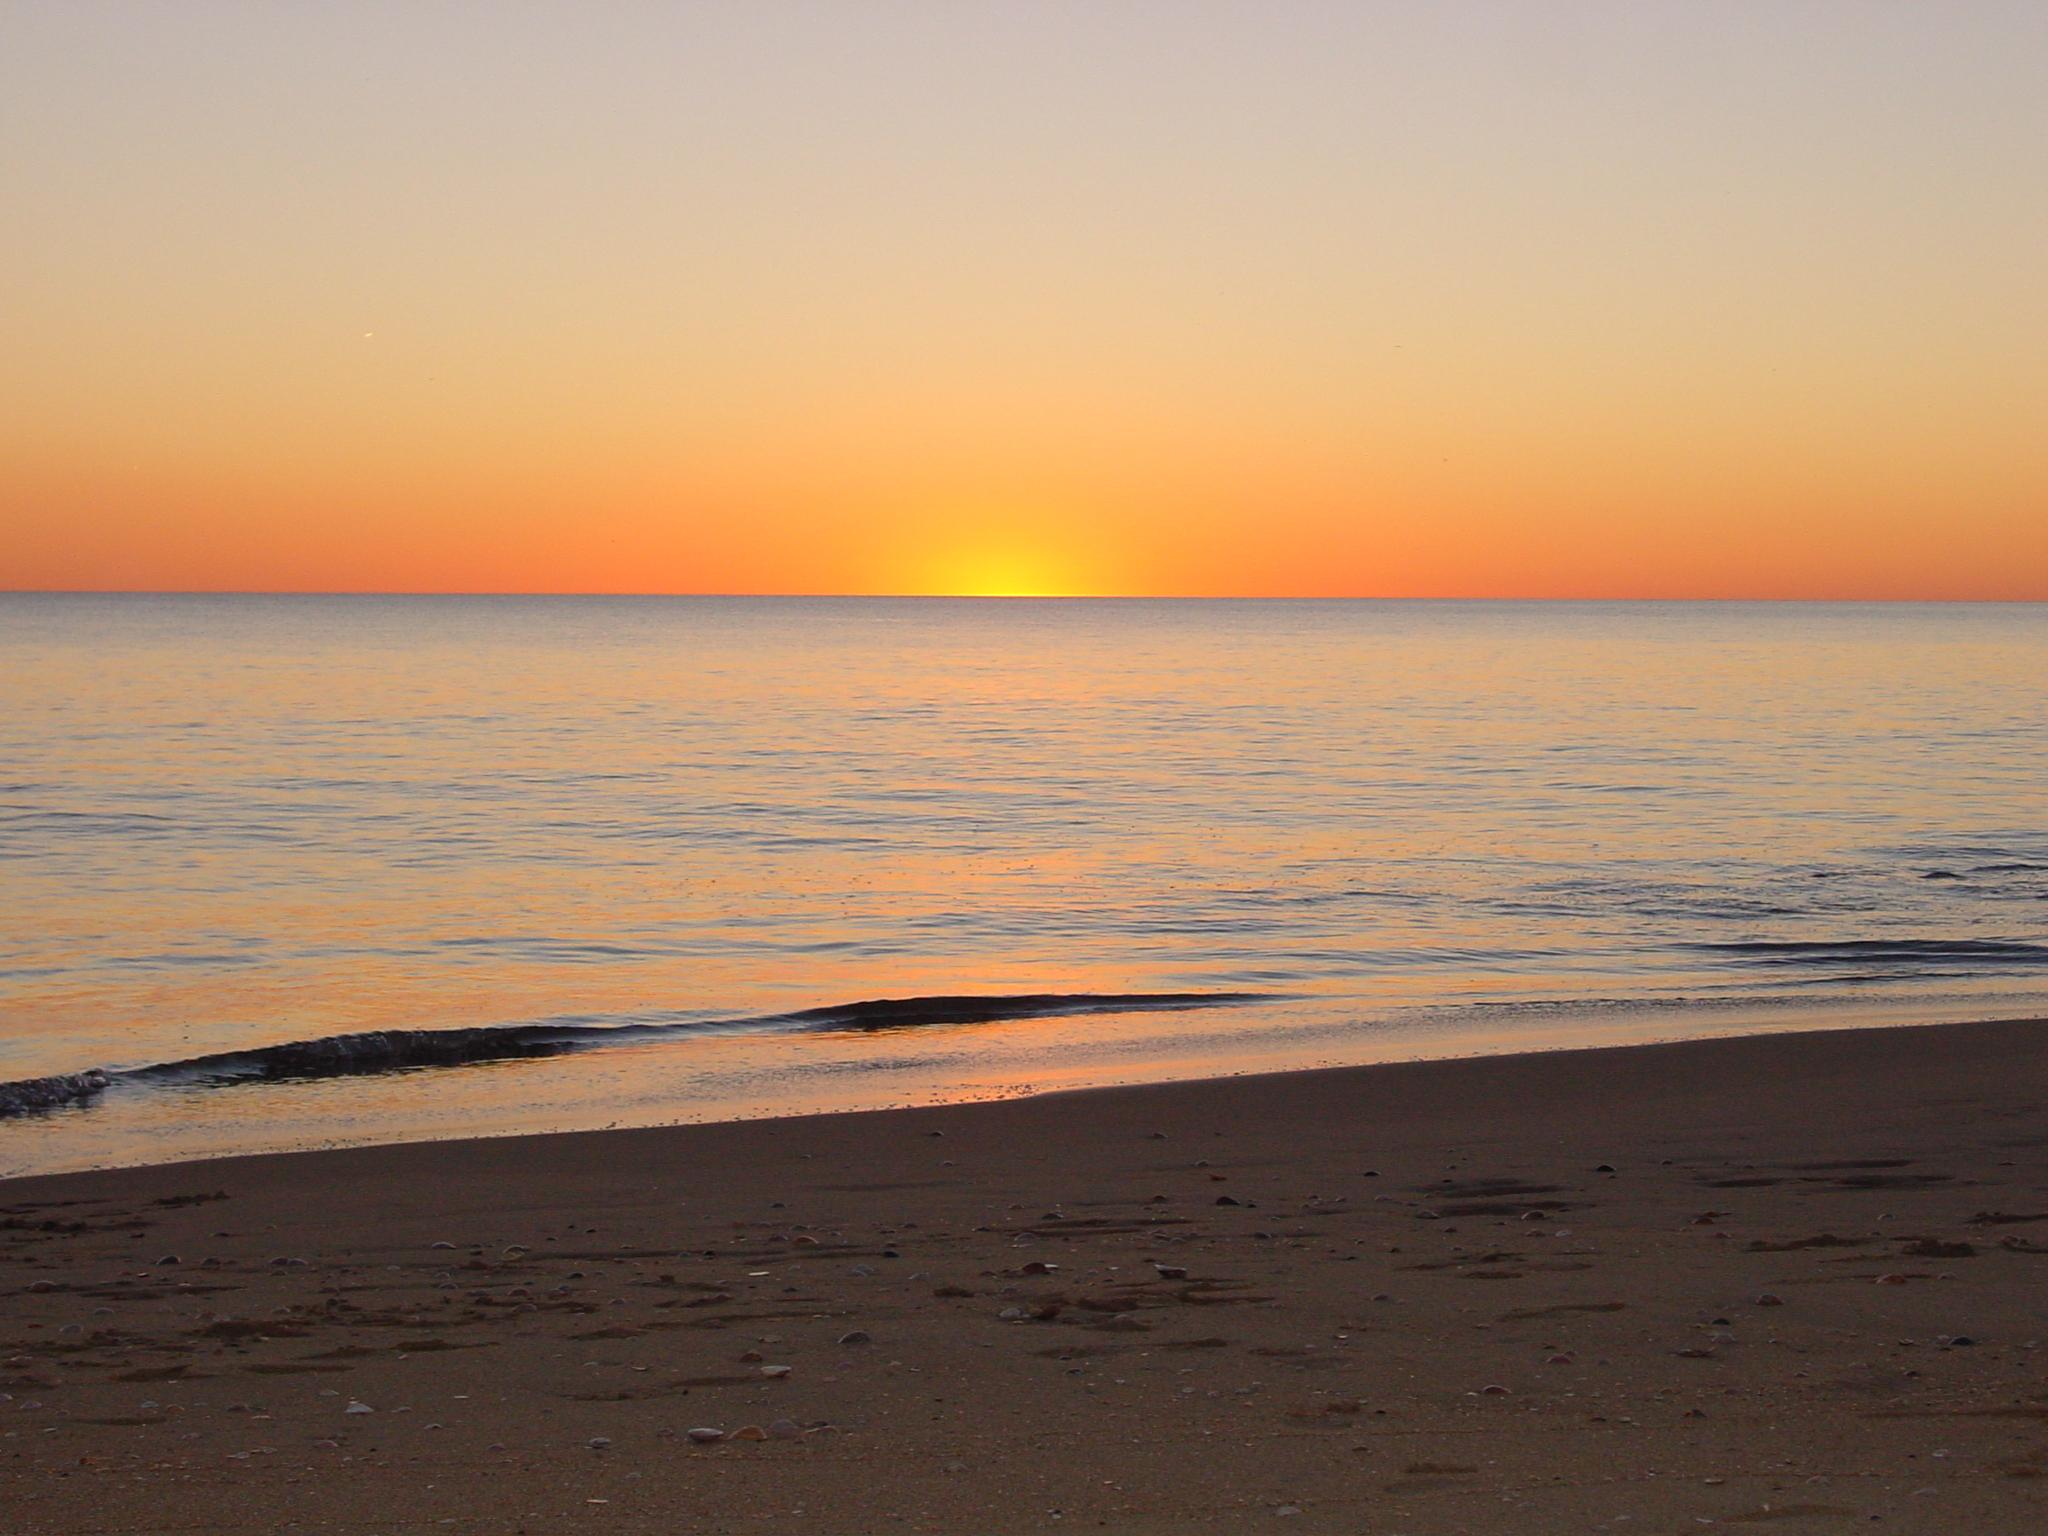 Playa Los Enebrales